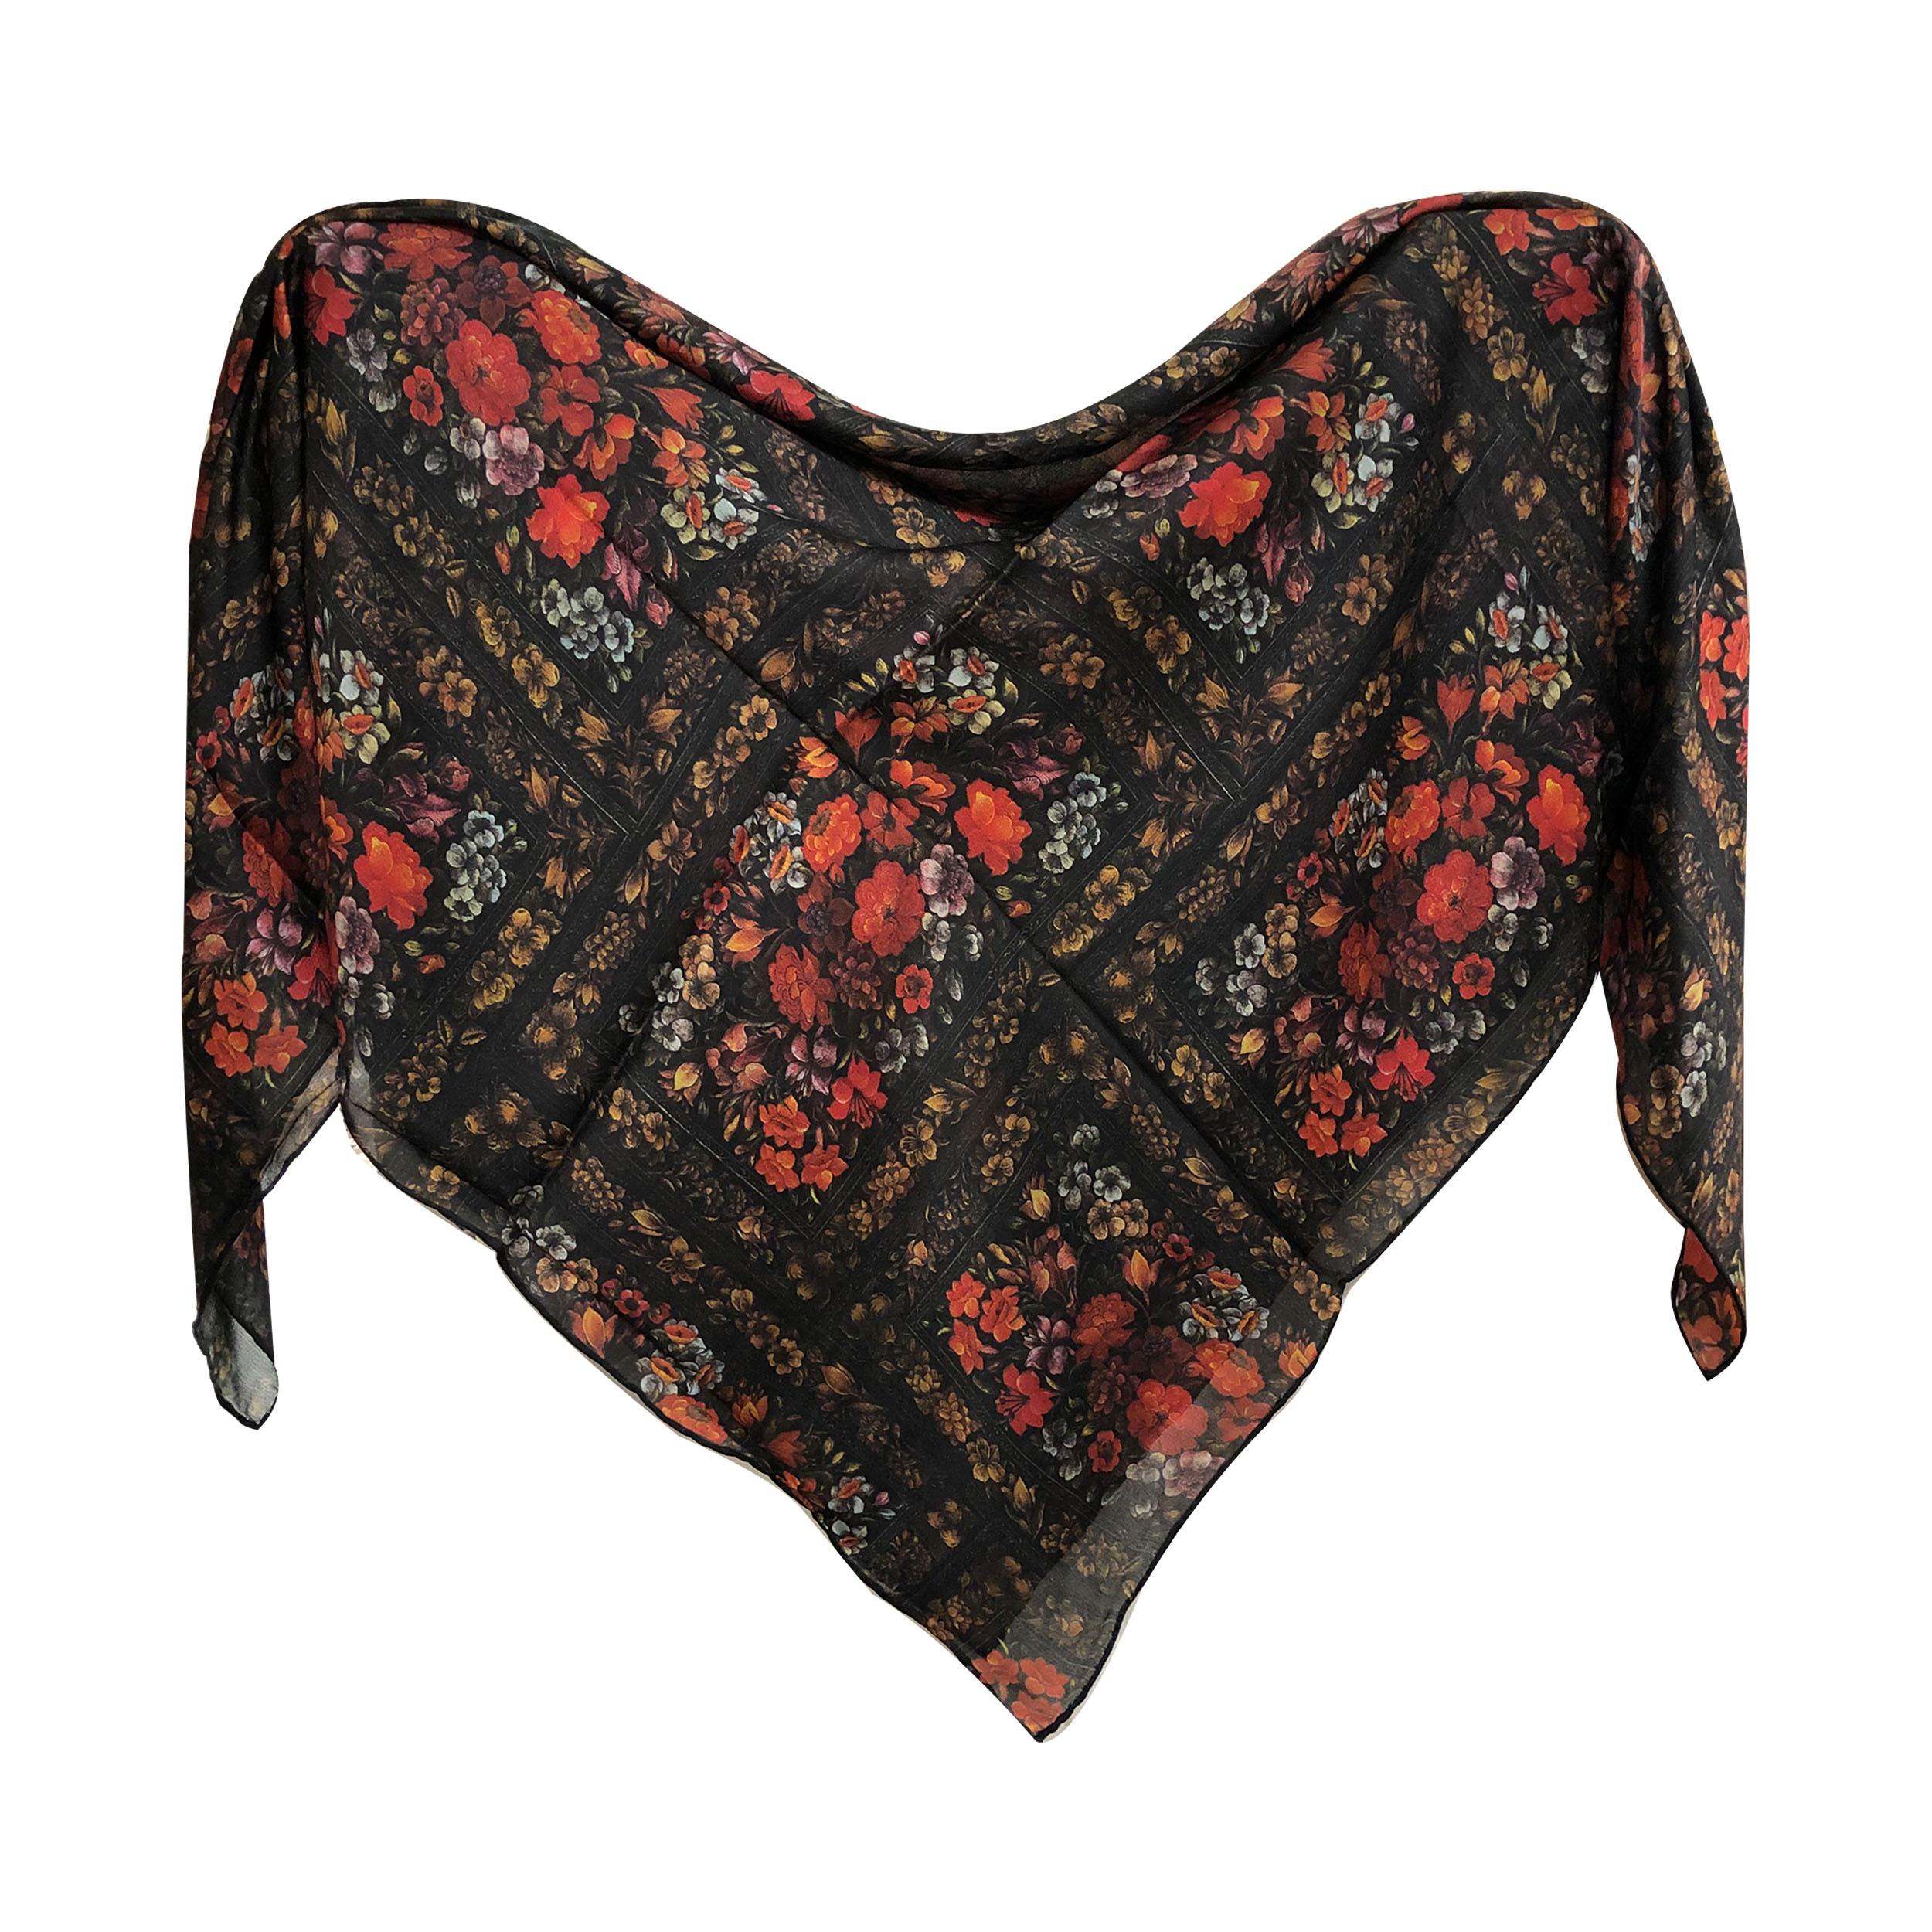 روسری زنانه ابریشم مامی دست دوز مدل 02